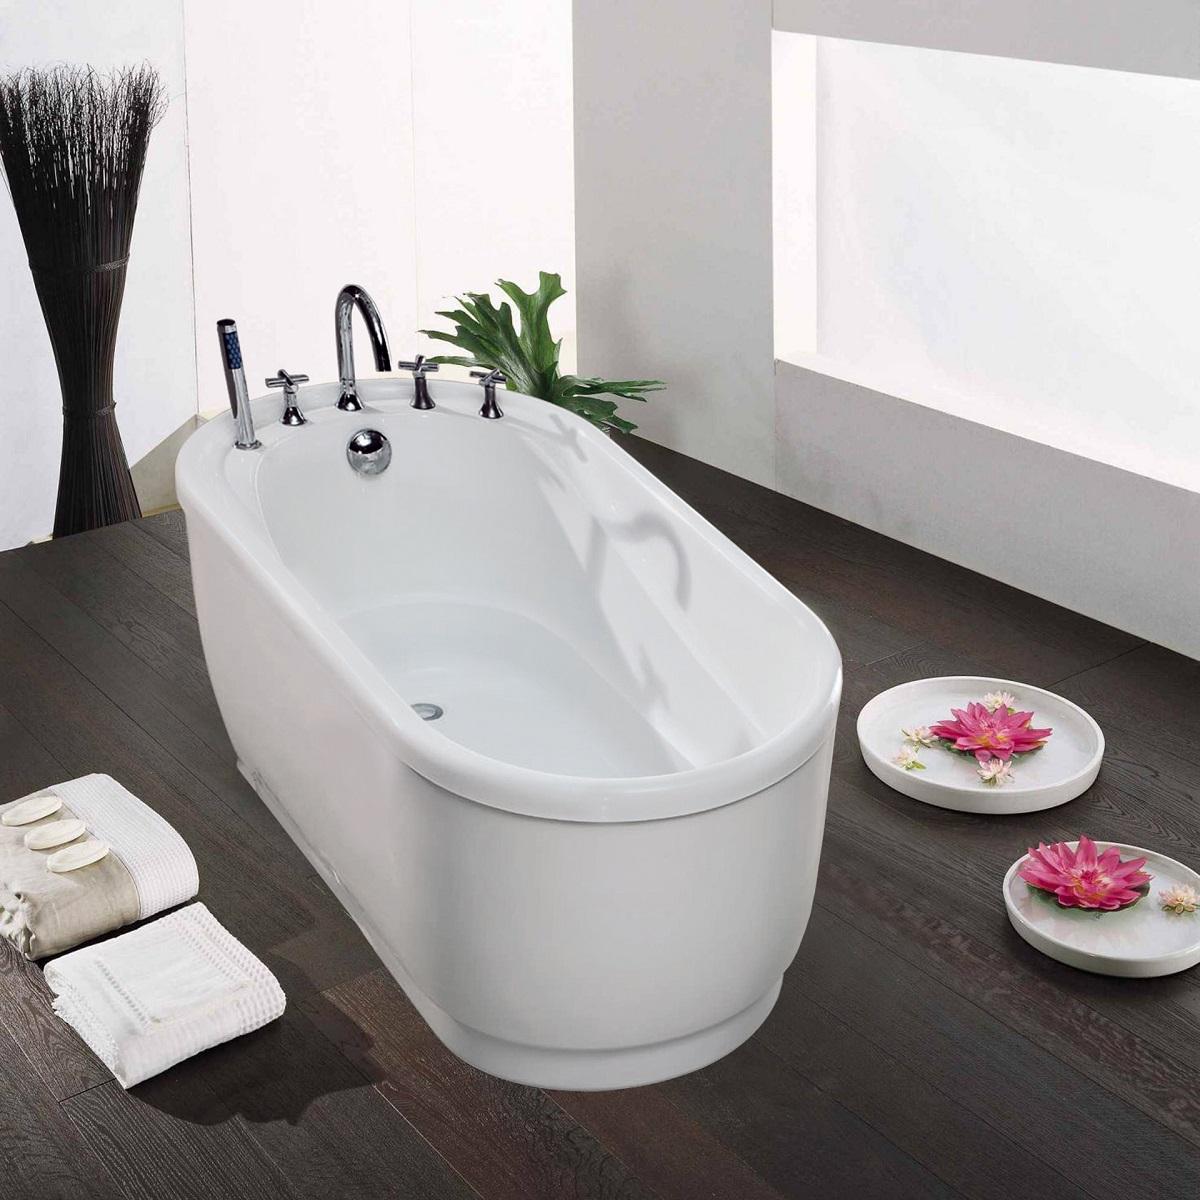 60 Inch Freestanding Bathtub - Bathtub Ideas